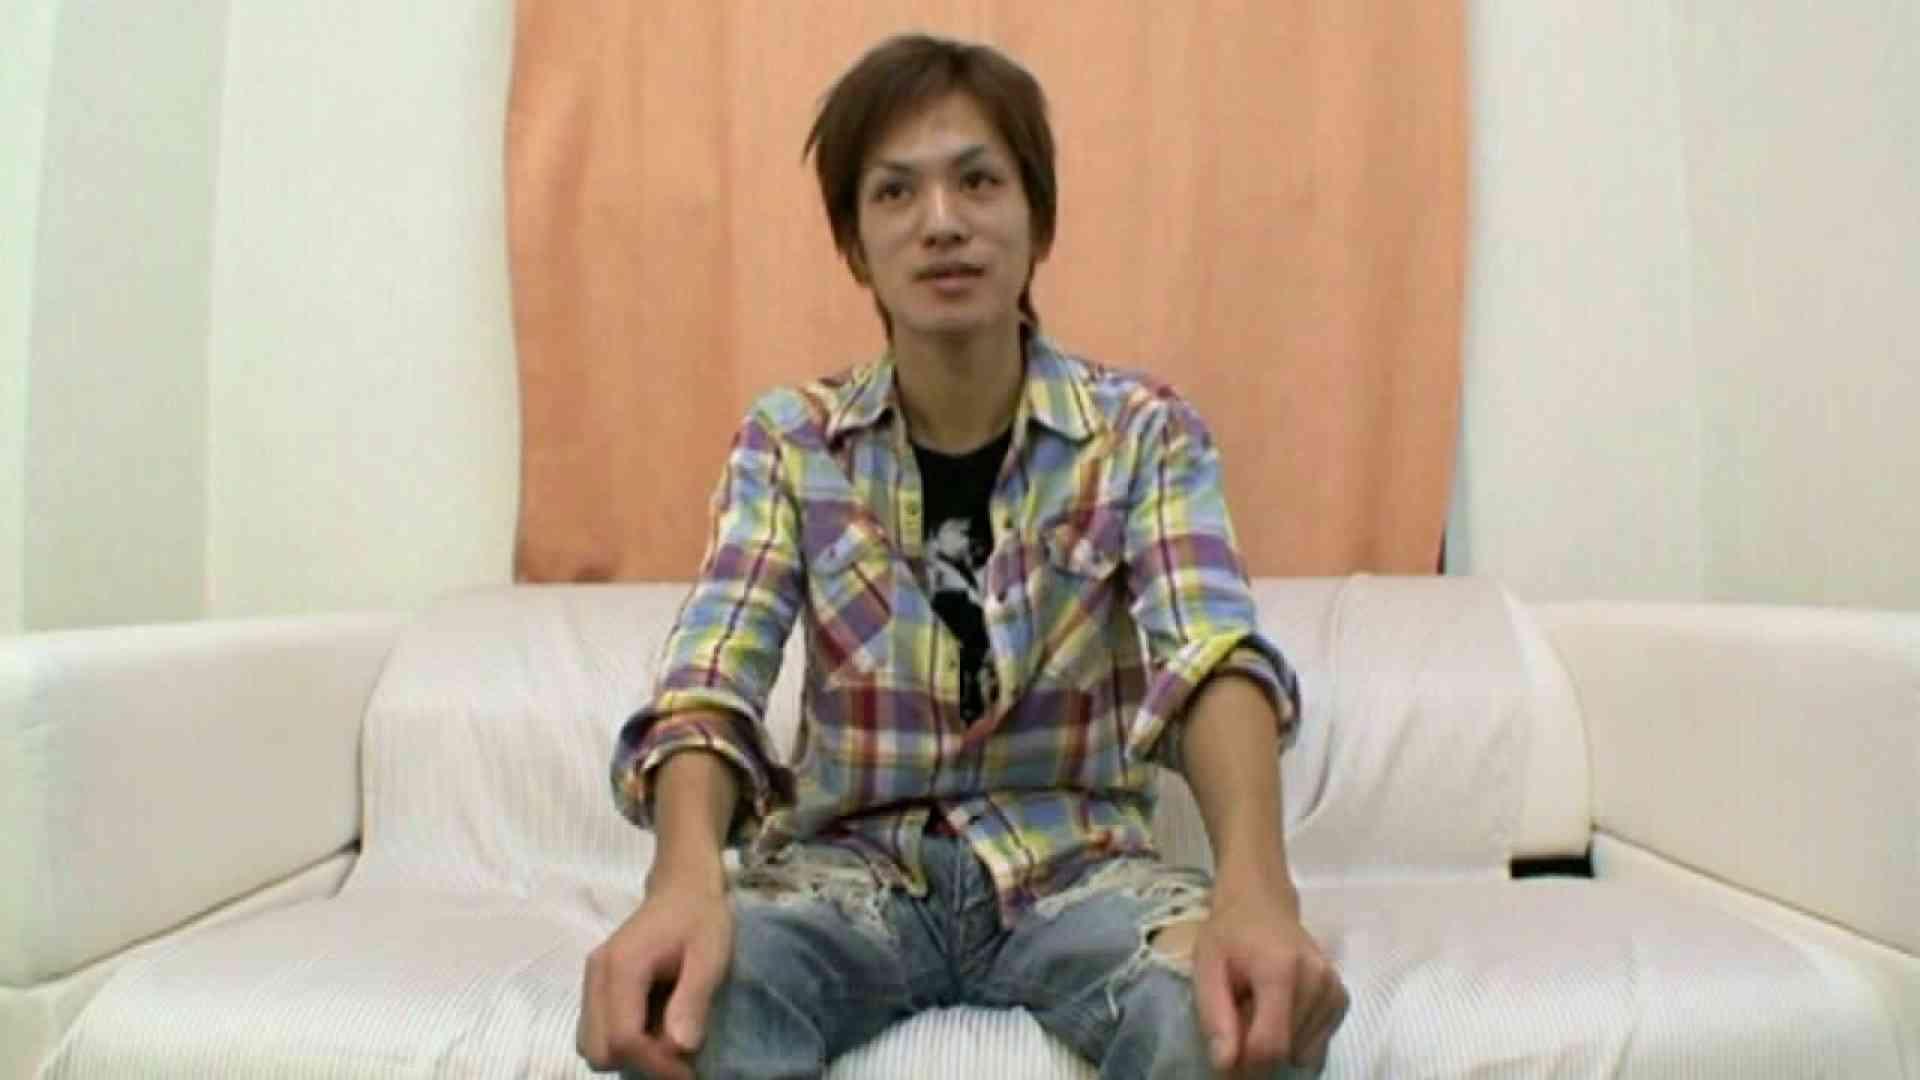 ノンケ!自慰スタジオ No.03 無修正 エロビデオ紹介 58pic 24